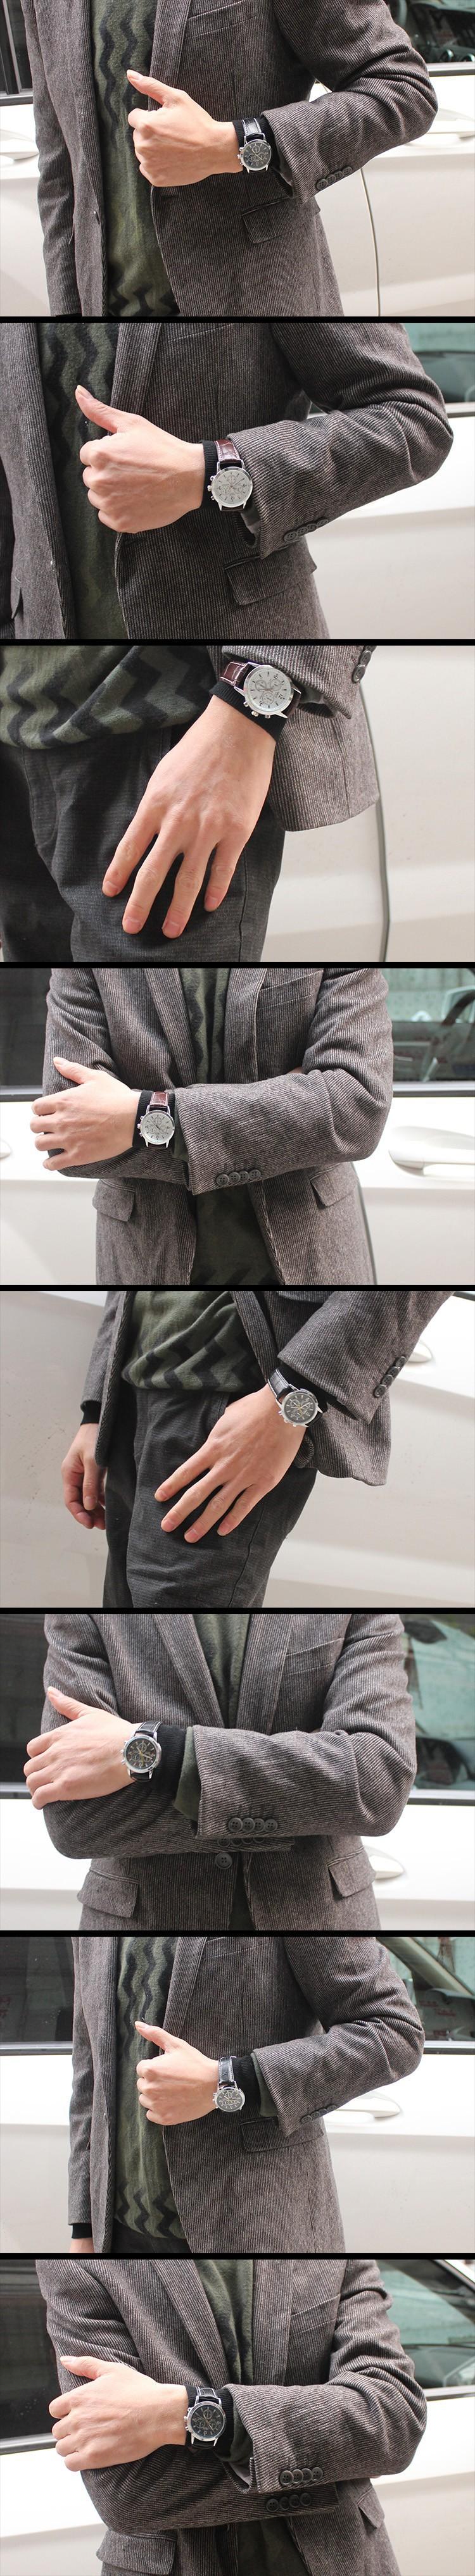 Смотреть новые пара Часы мужчина и женщина кожа группа часы лучший Цена кварцевые часы любовника 6033